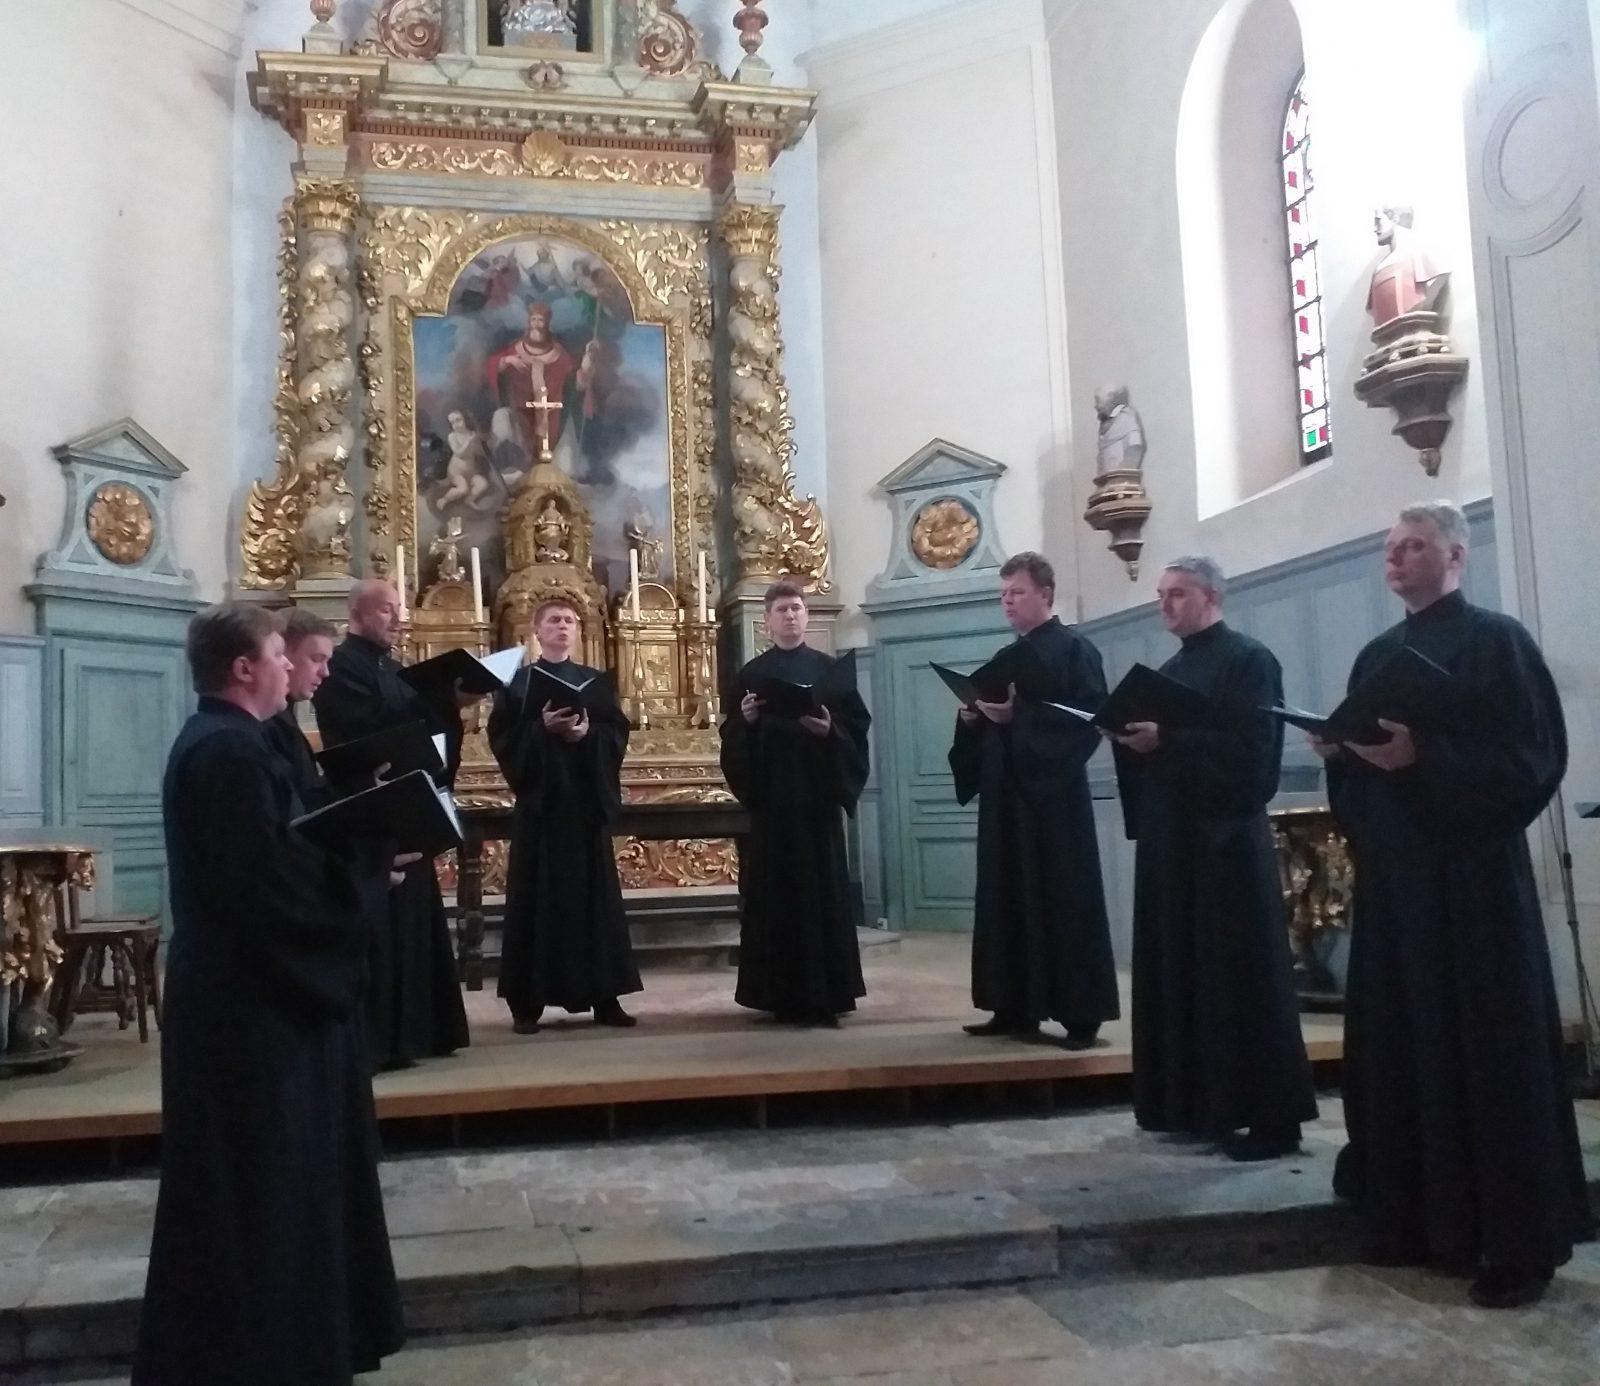 Les hommes en chasubles noires interprètent des chants de la liturgie orthodoxe.